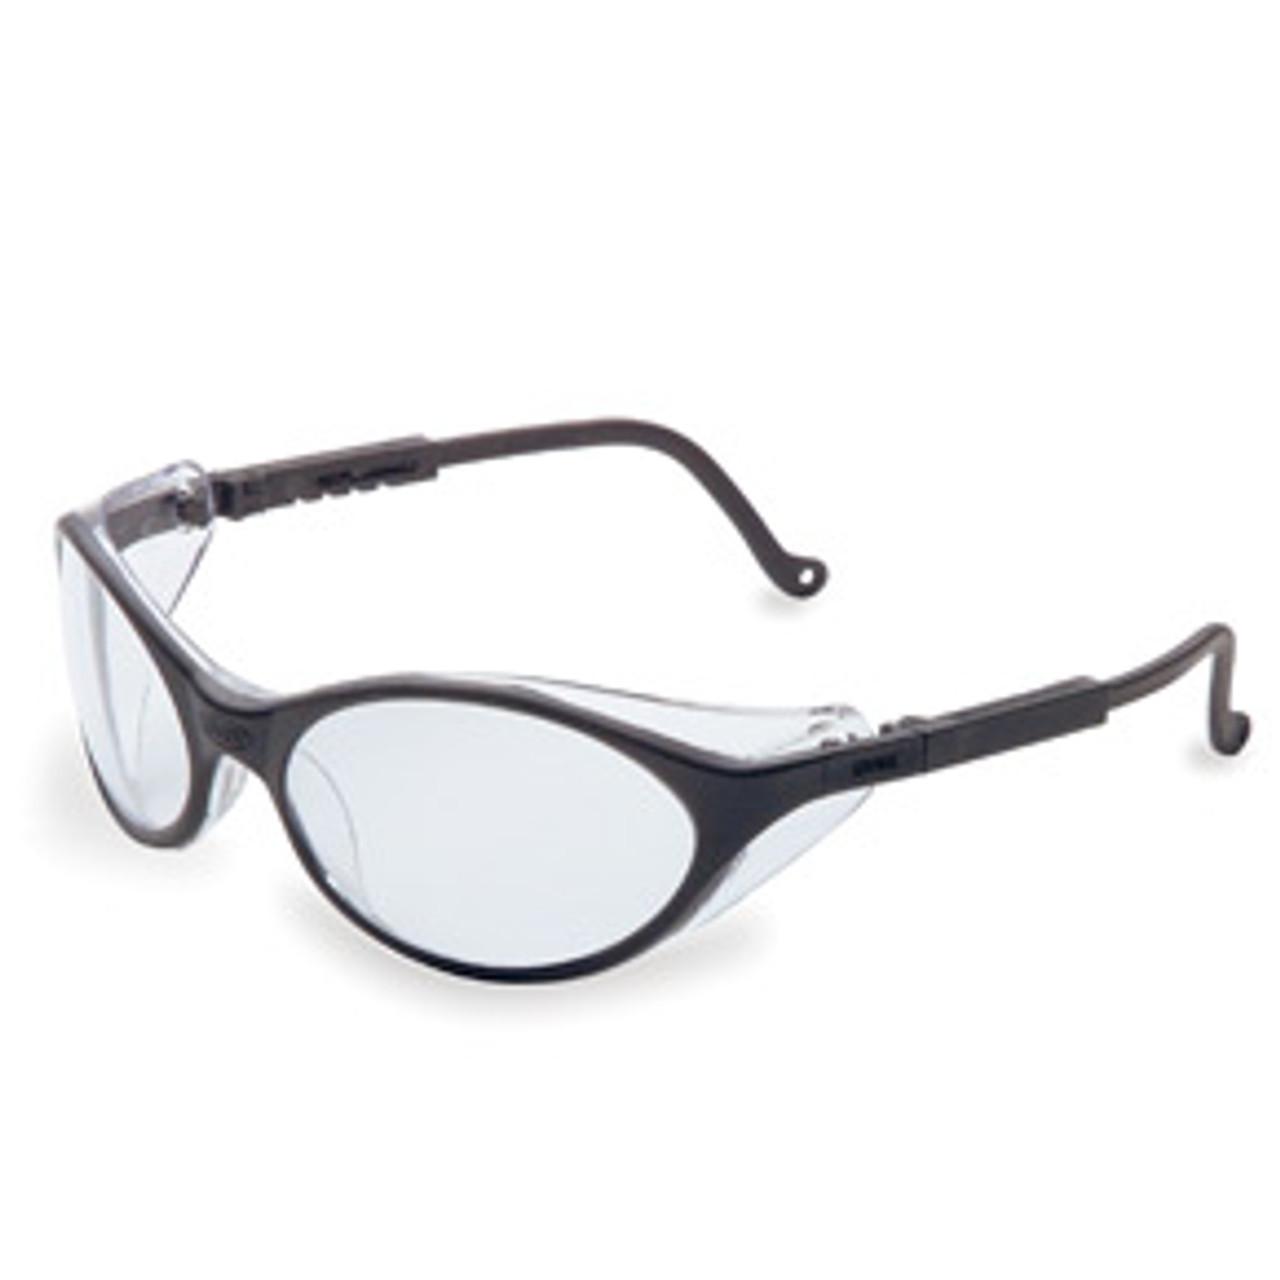 Bandit Safety Glasses, Espresso Lens, Black Frame